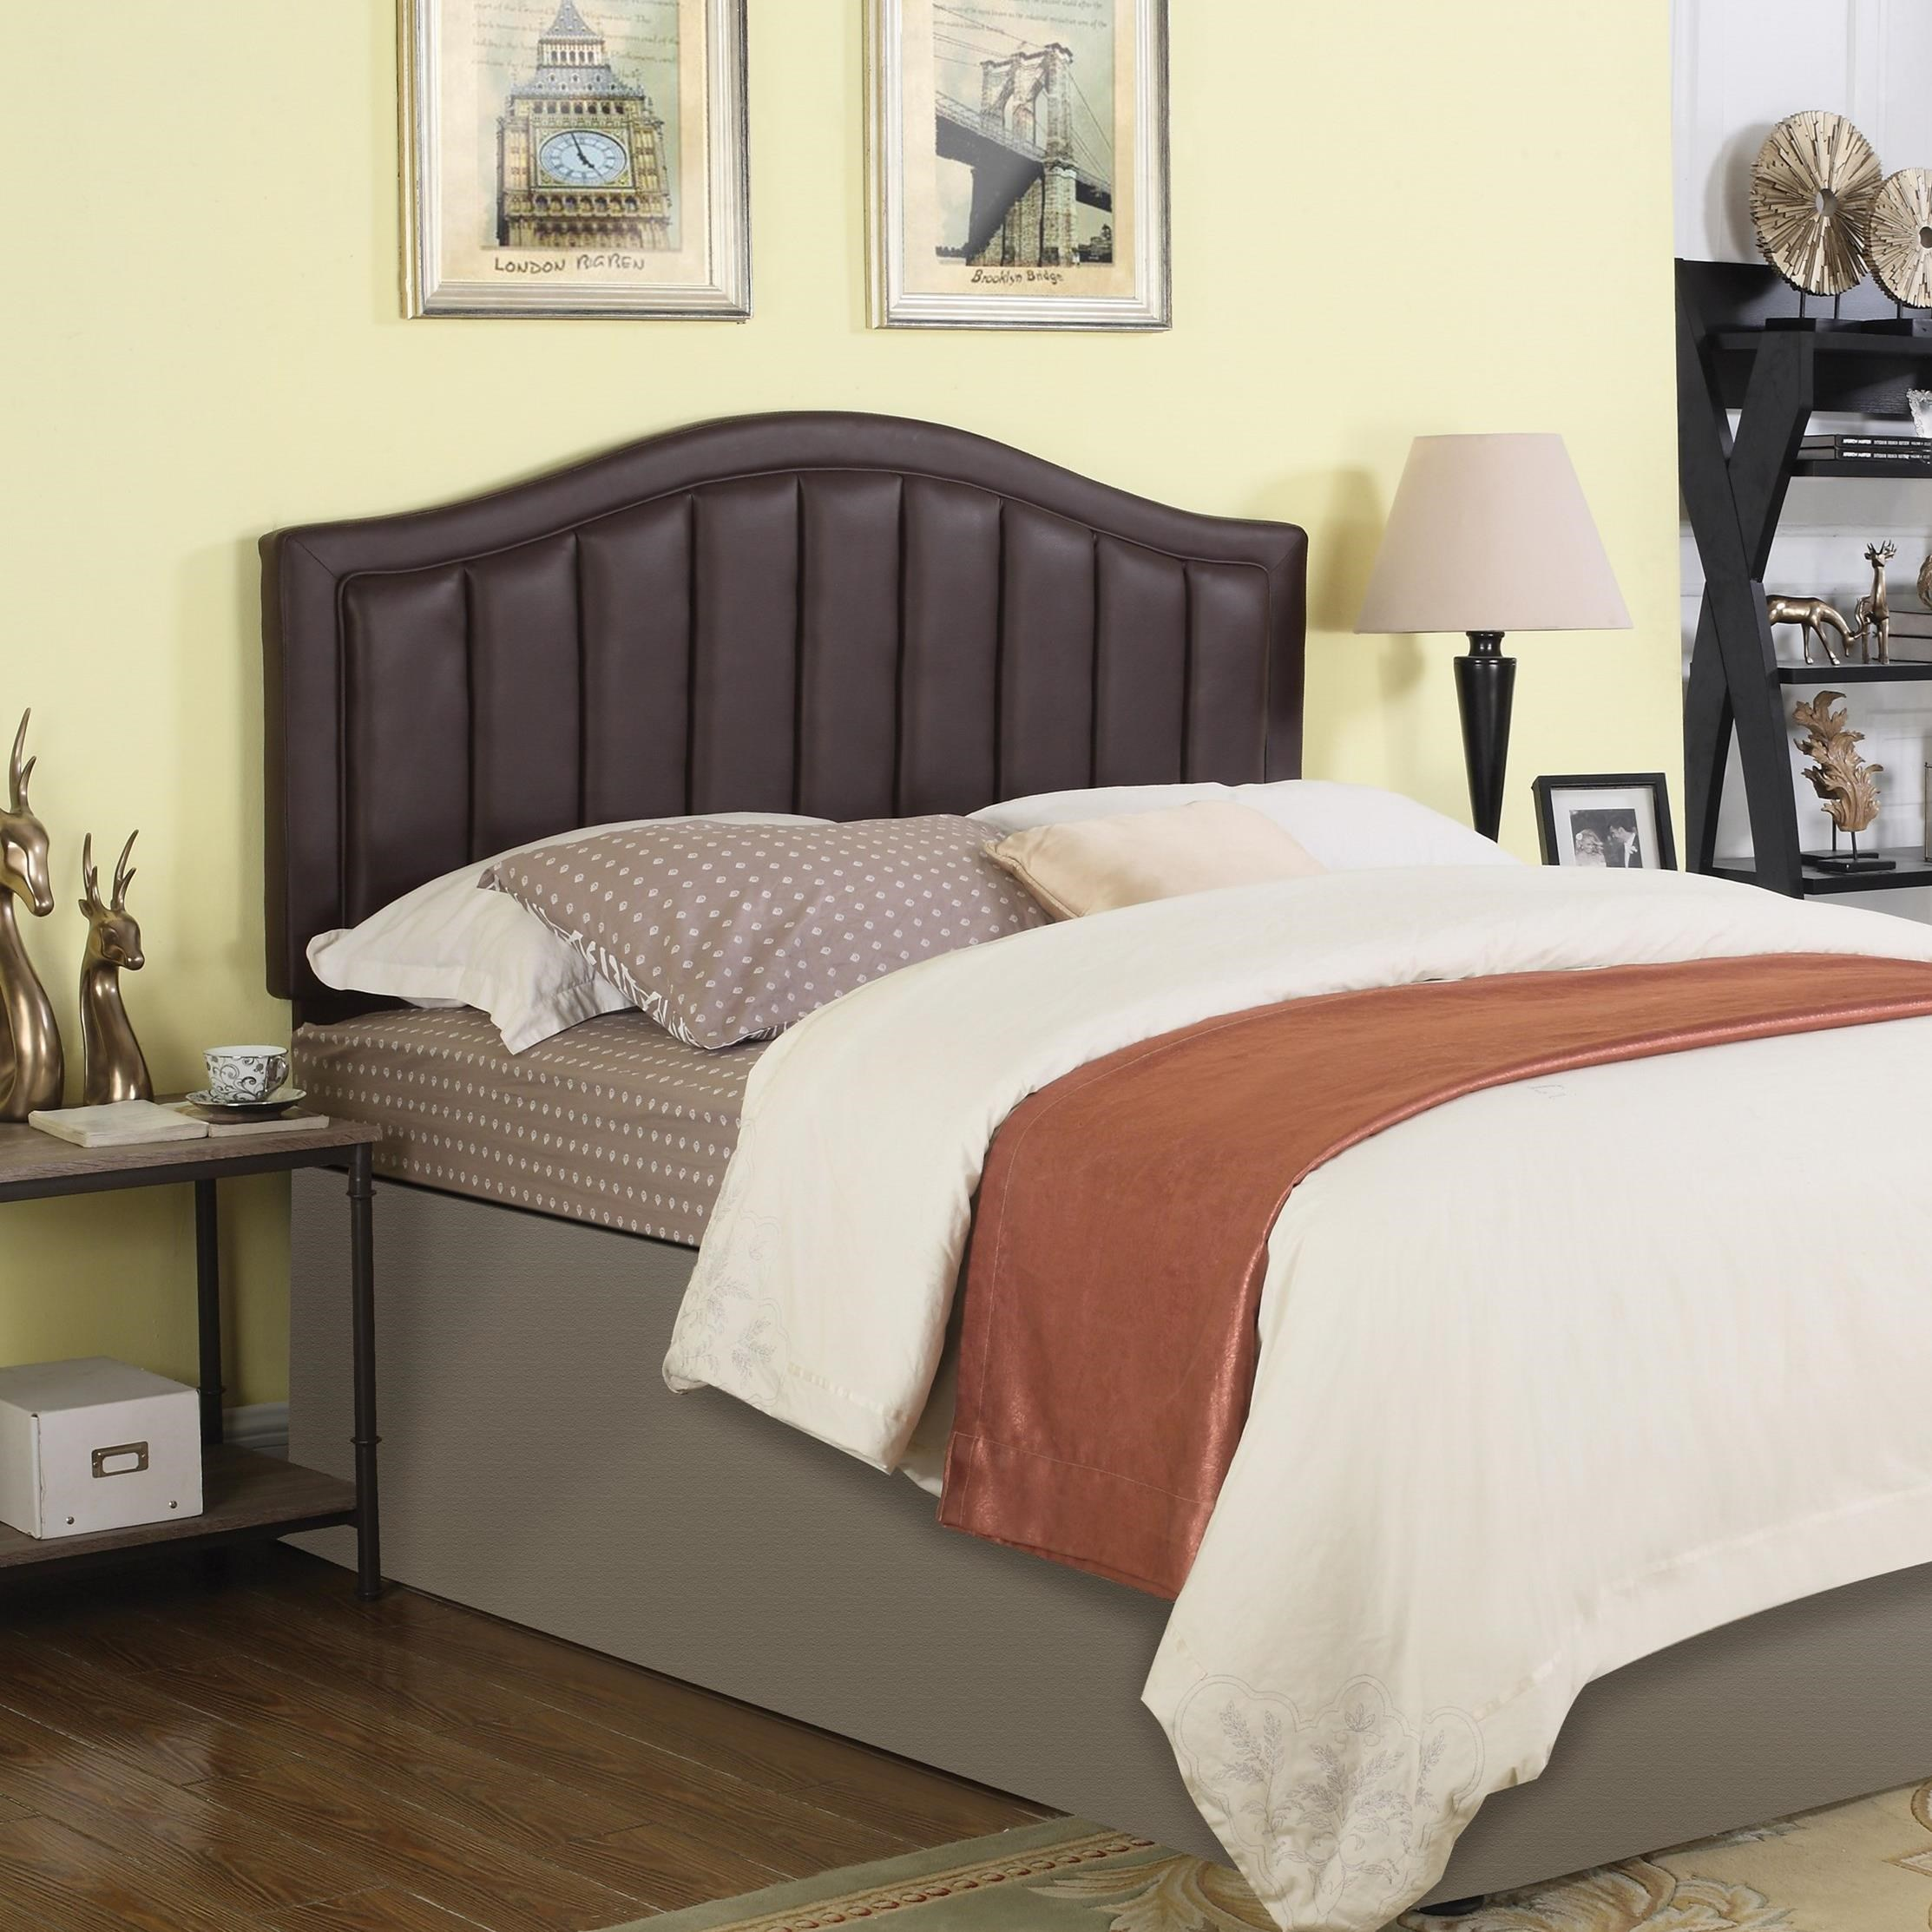 Coaster upholstered beds upholstered full queen headboard for Upholstered full bed